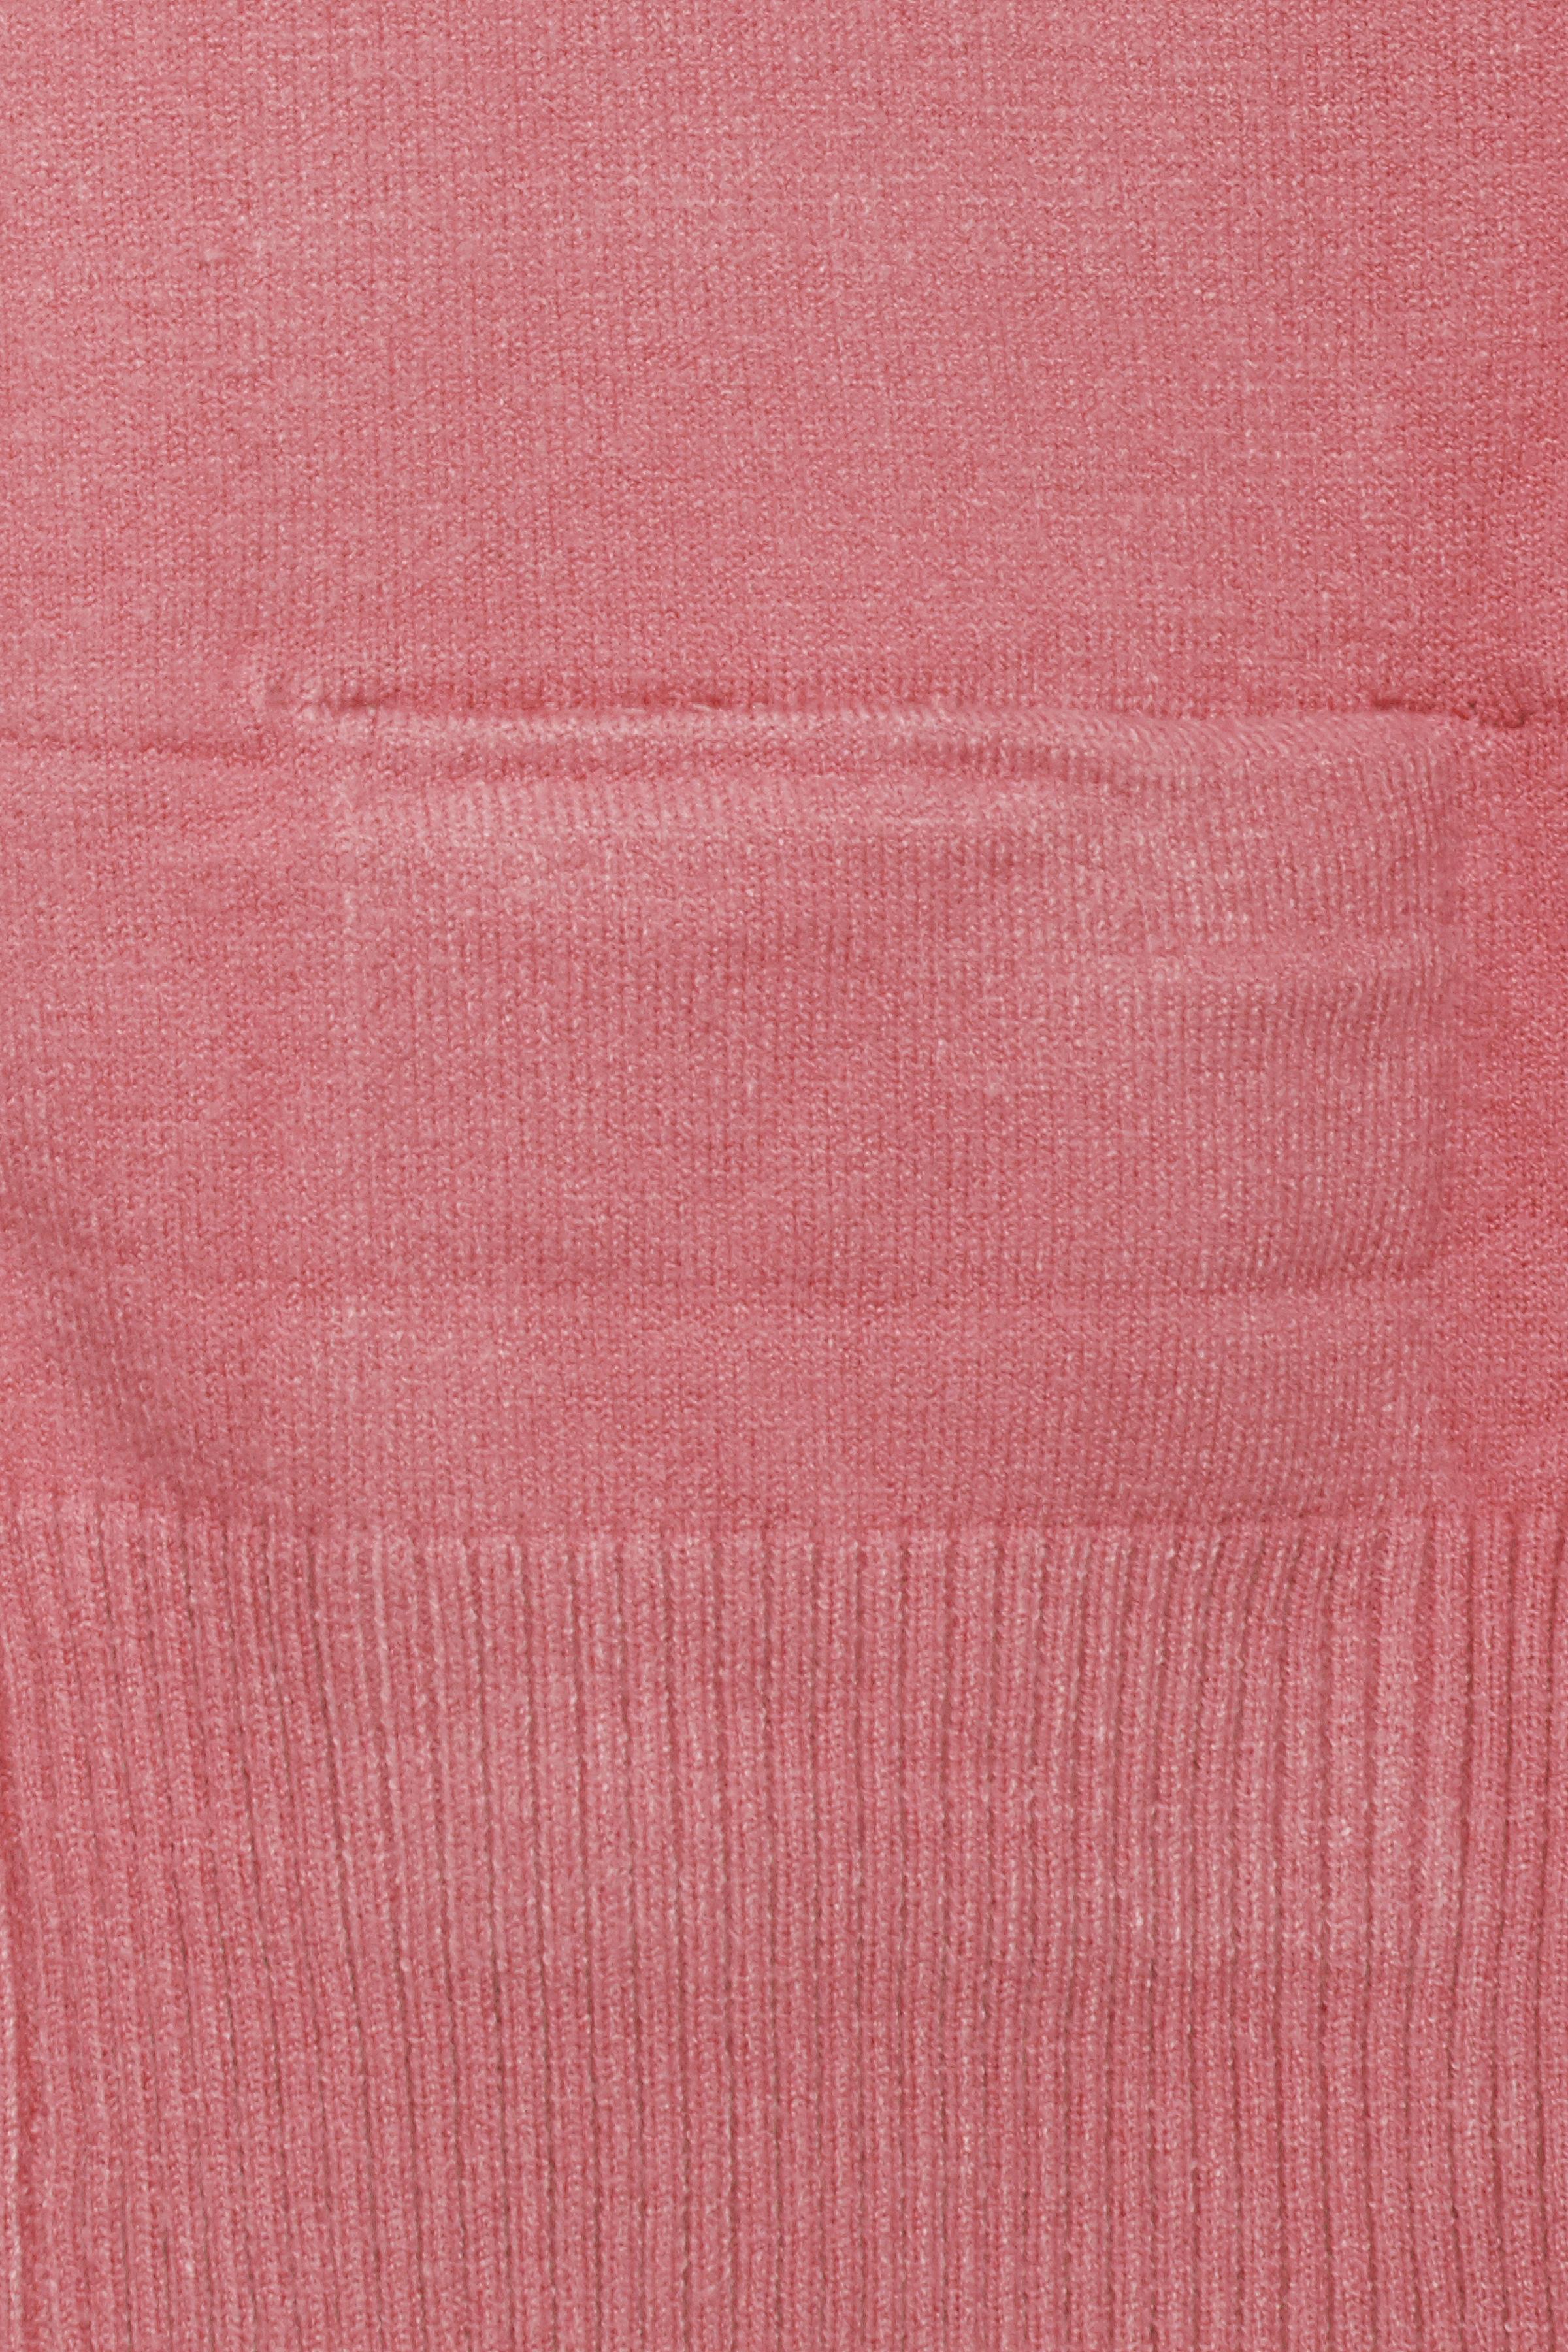 MEL. Sunkist Coral Strickjacke von b.young – Kaufen Sie MEL. Sunkist Coral Strickjacke aus Größe S-XXL hier